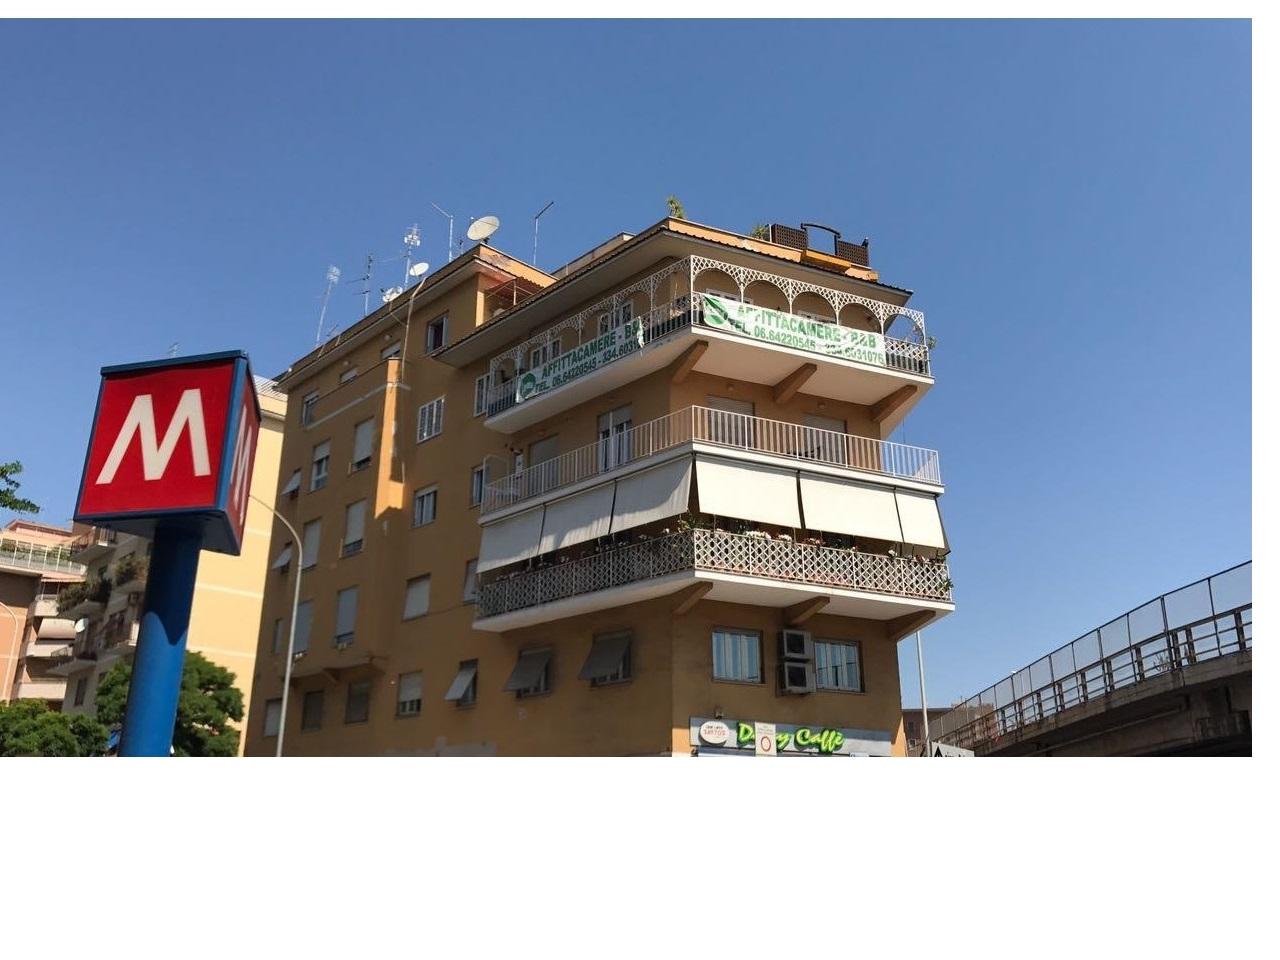 17467 Appartamento in vendita Roma Bologna